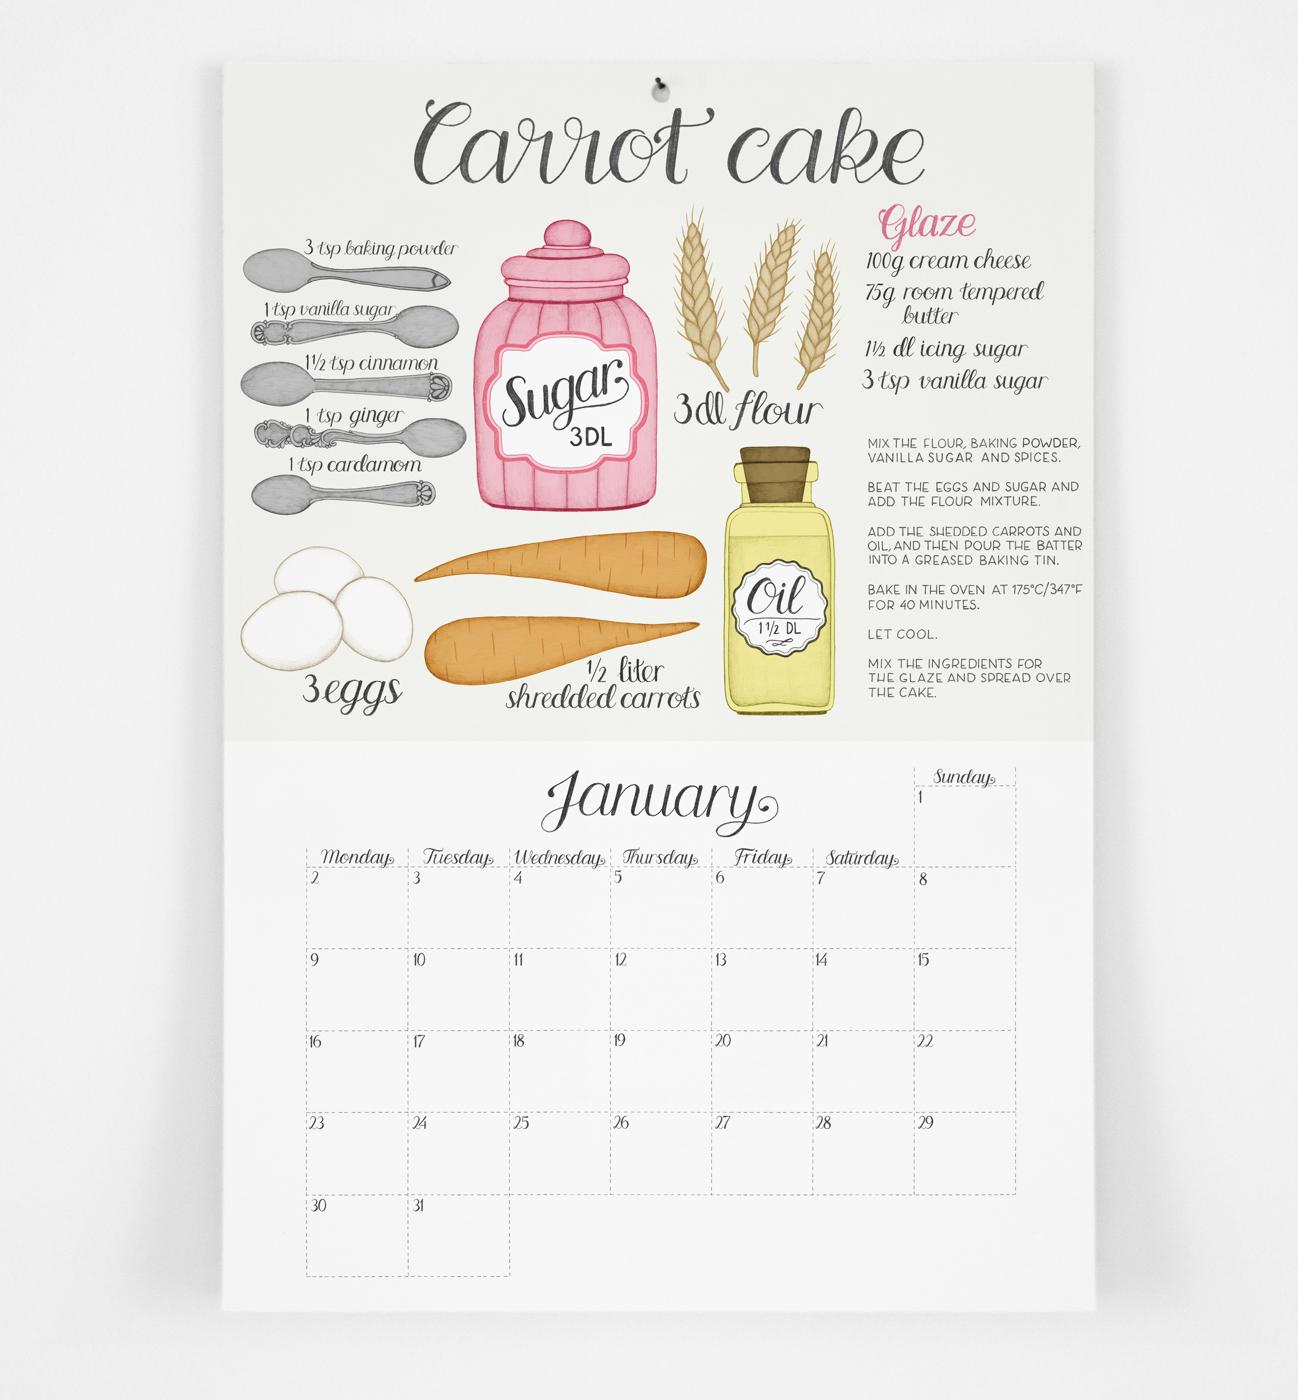 carrot_cake_tovelisa